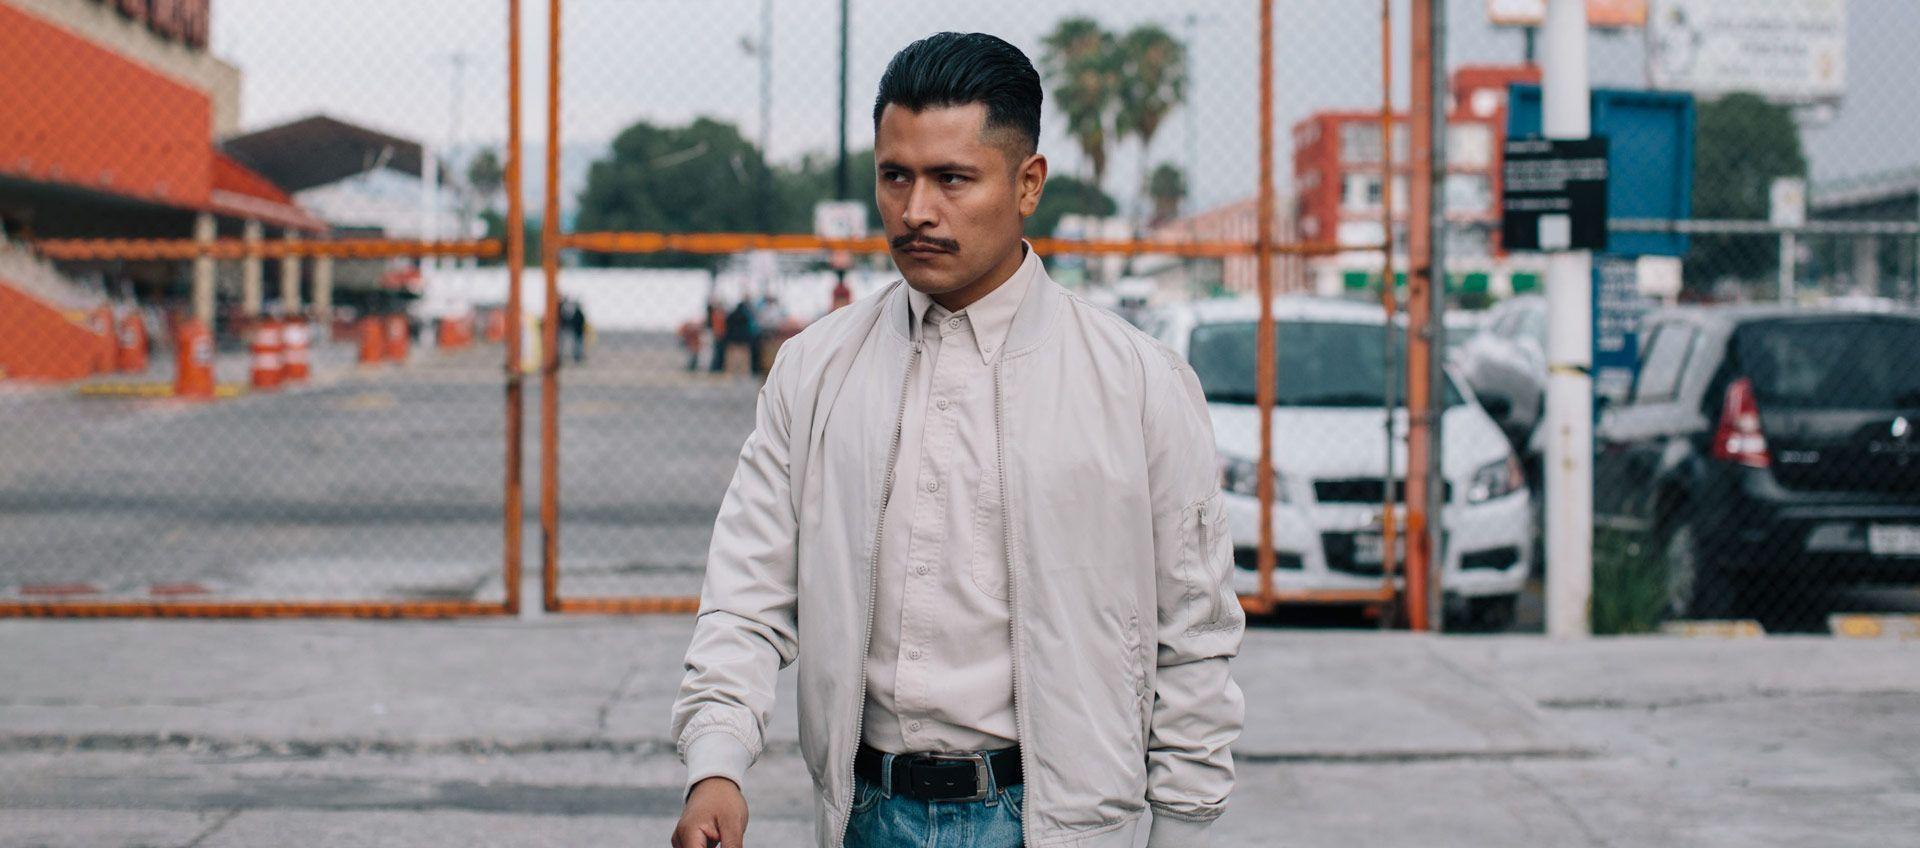 Manuel Contreras